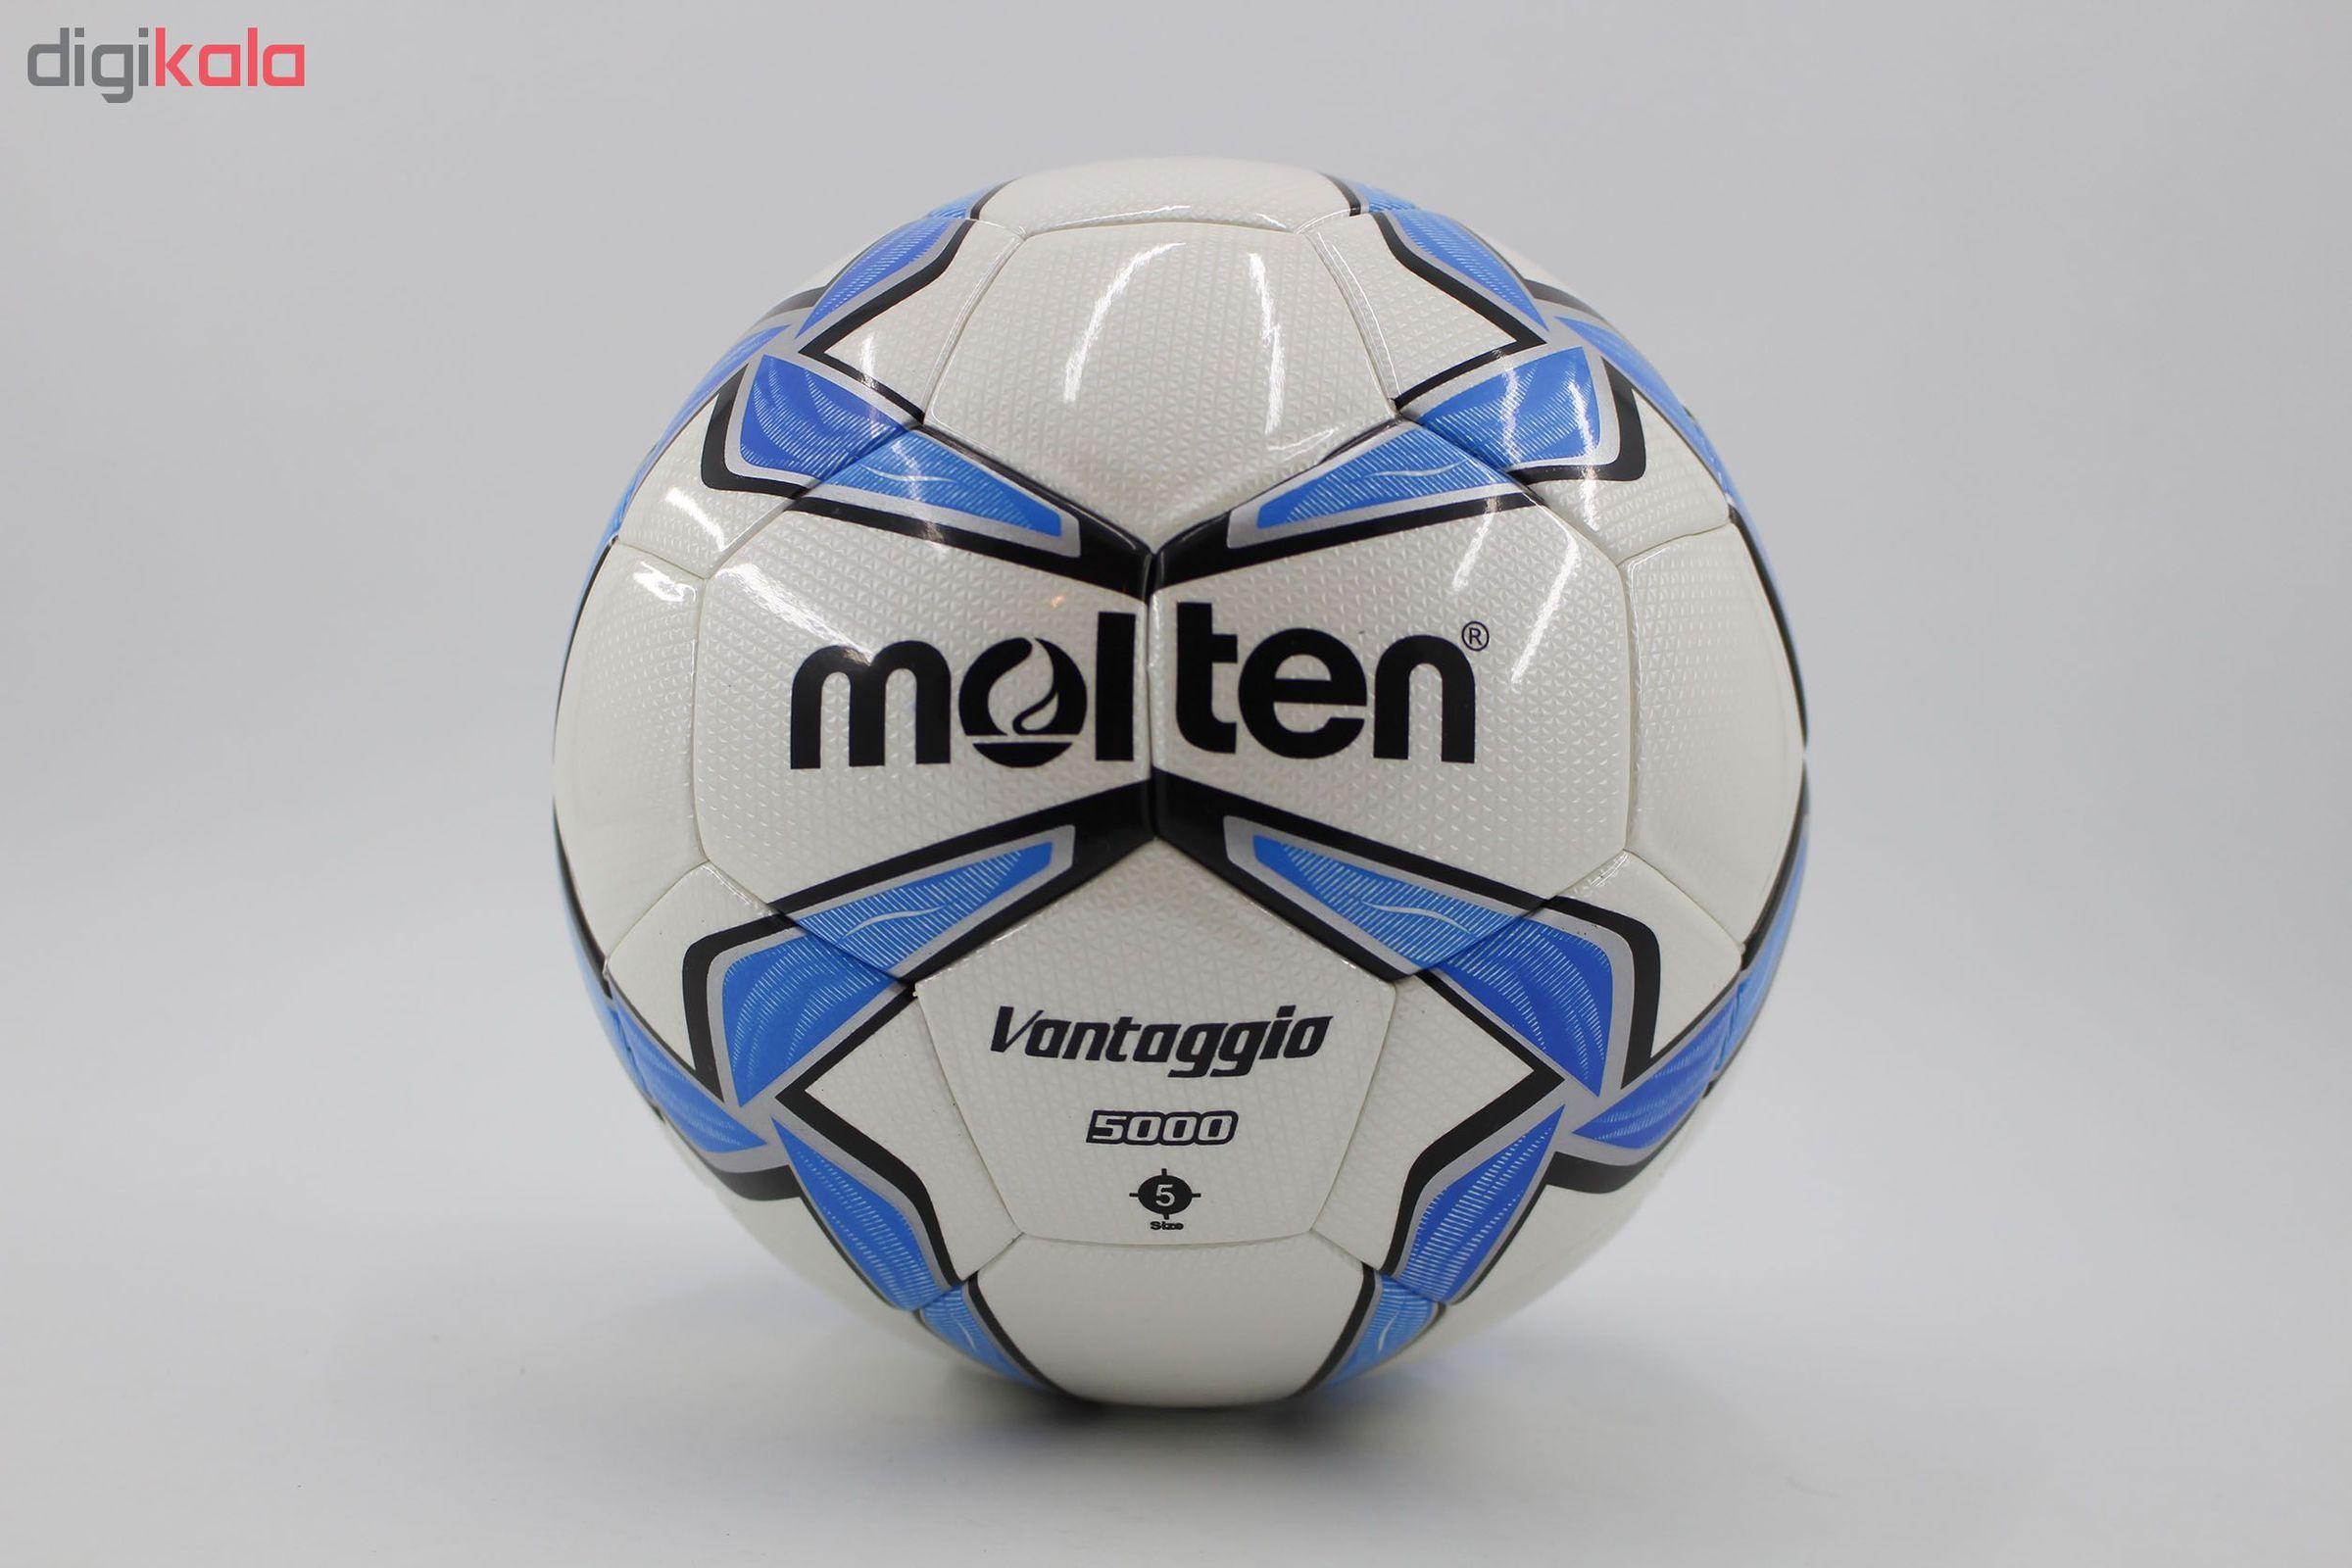 توپ فوتبال مدل Vantiaggio 5000 main 1 1